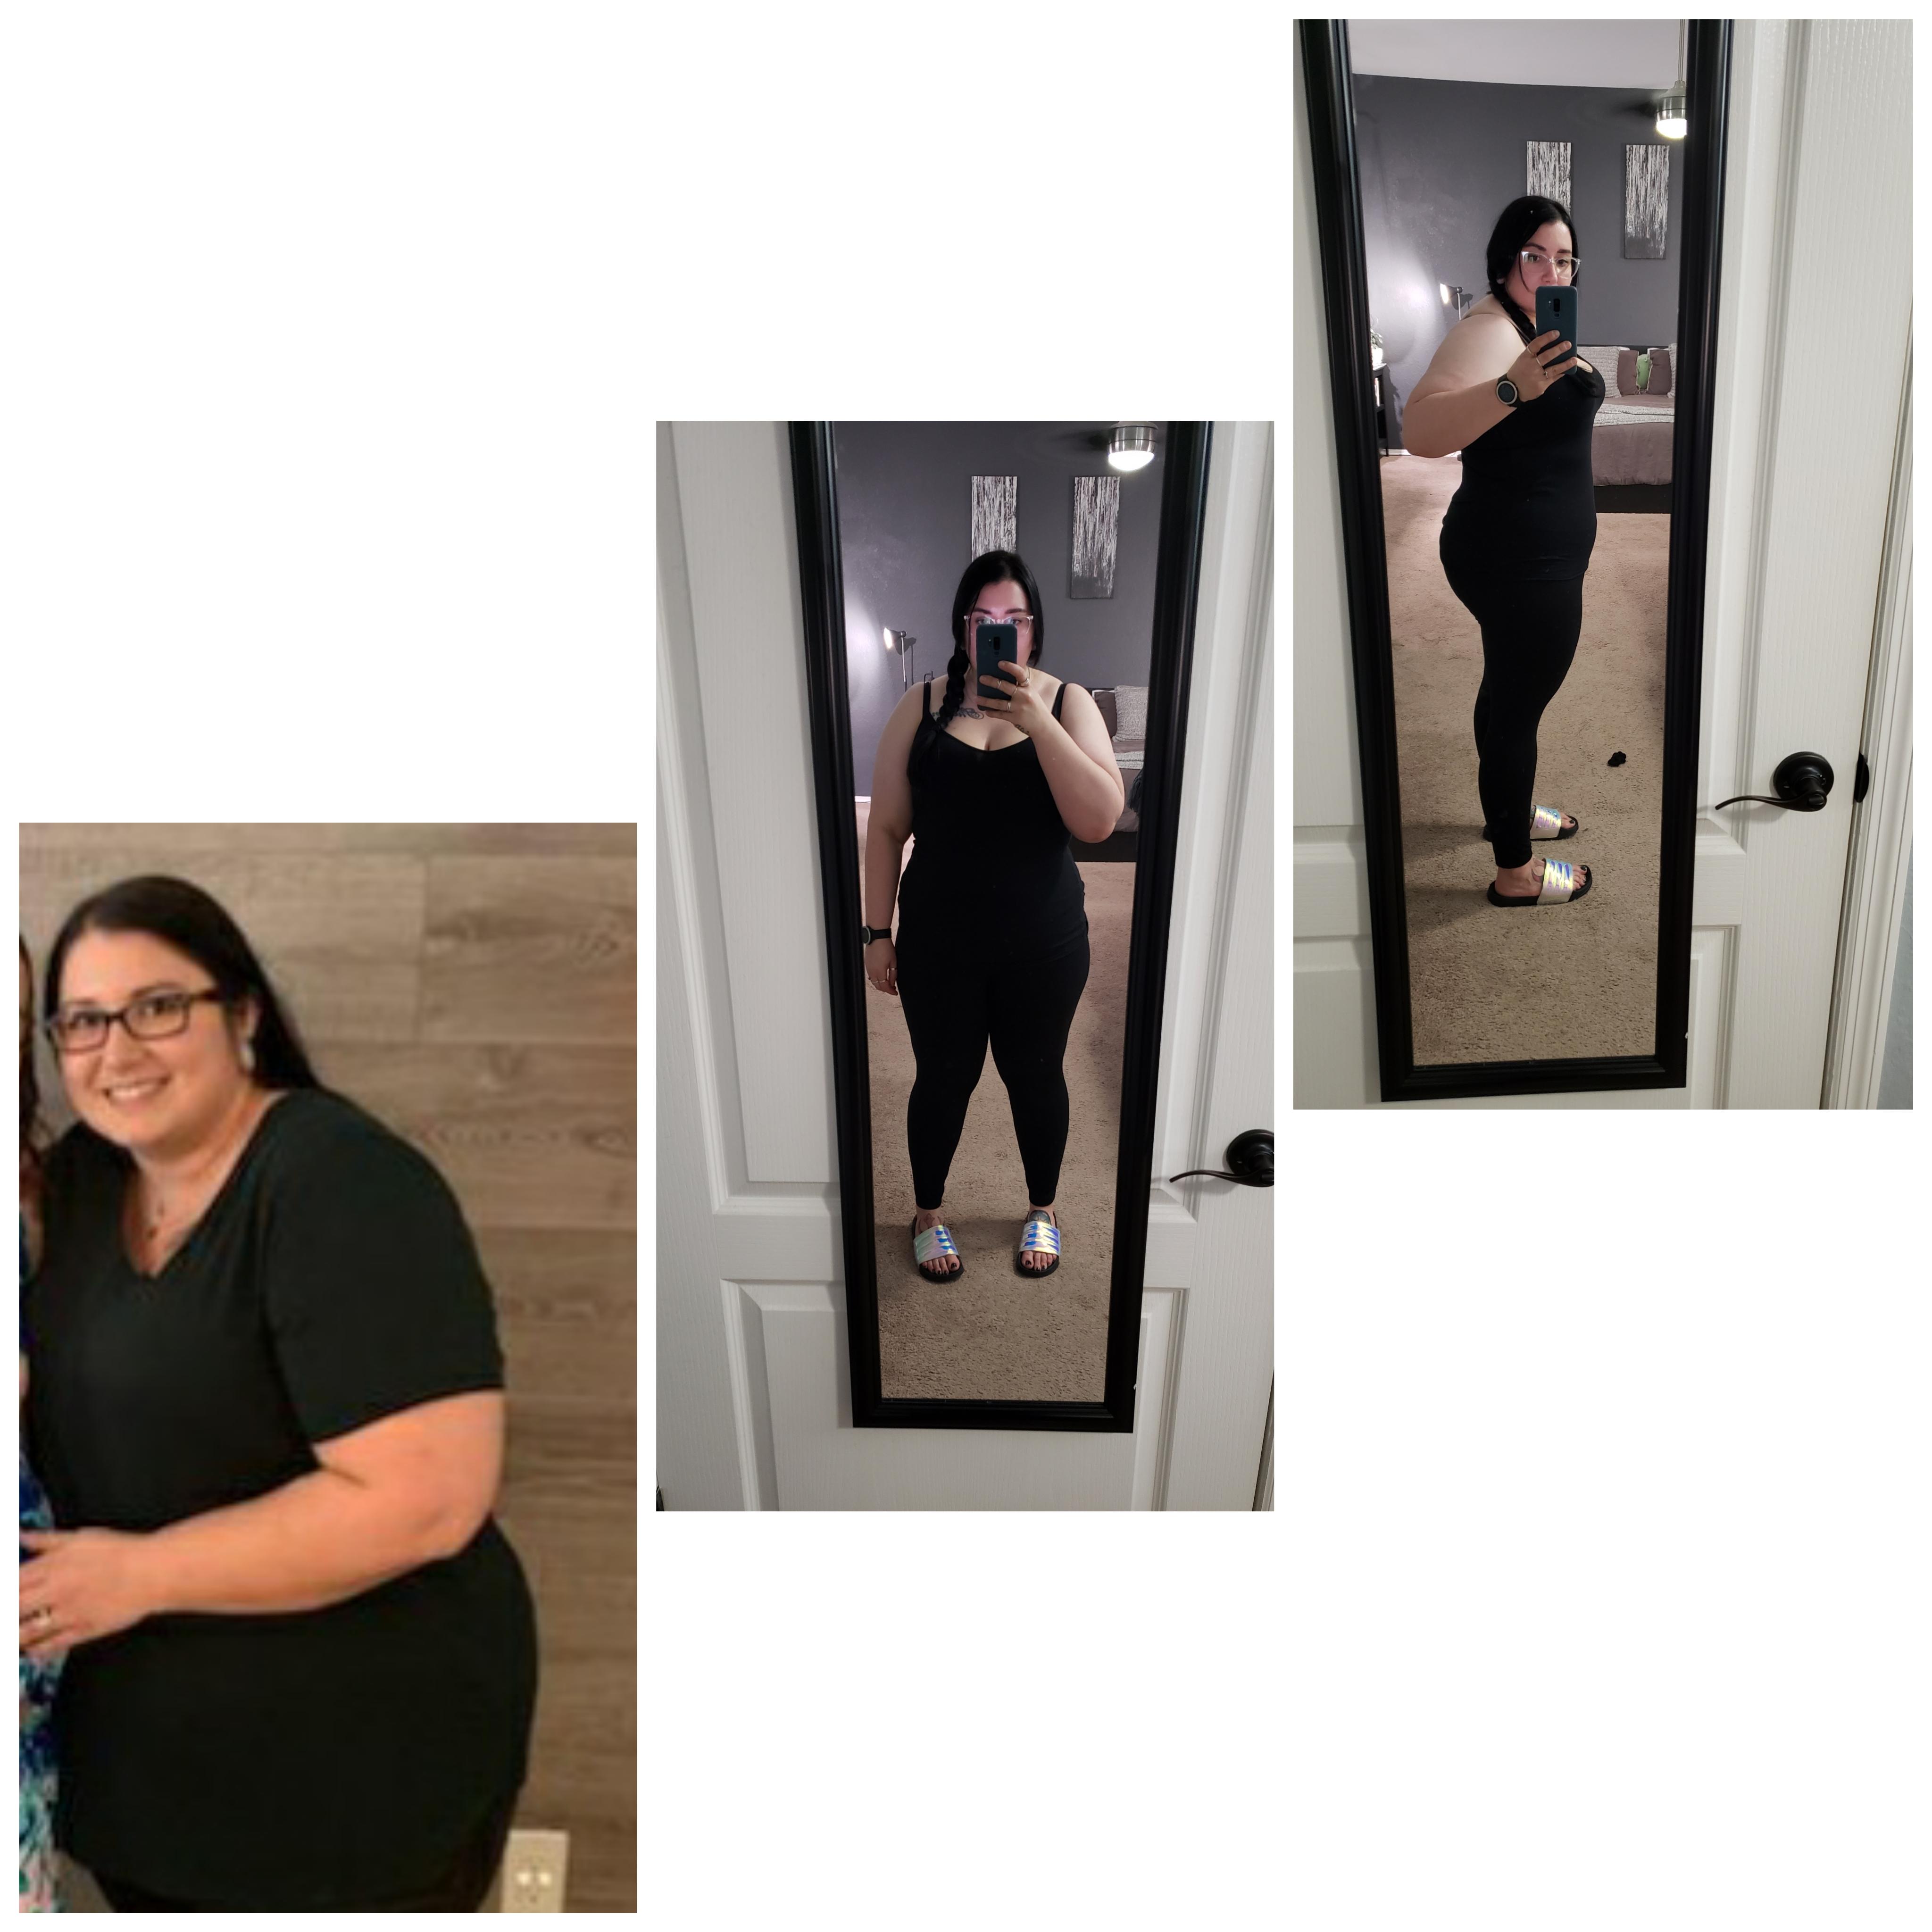 5'4 Female Progress Pics of 60 lbs Fat Loss 292 lbs to 232 lbs